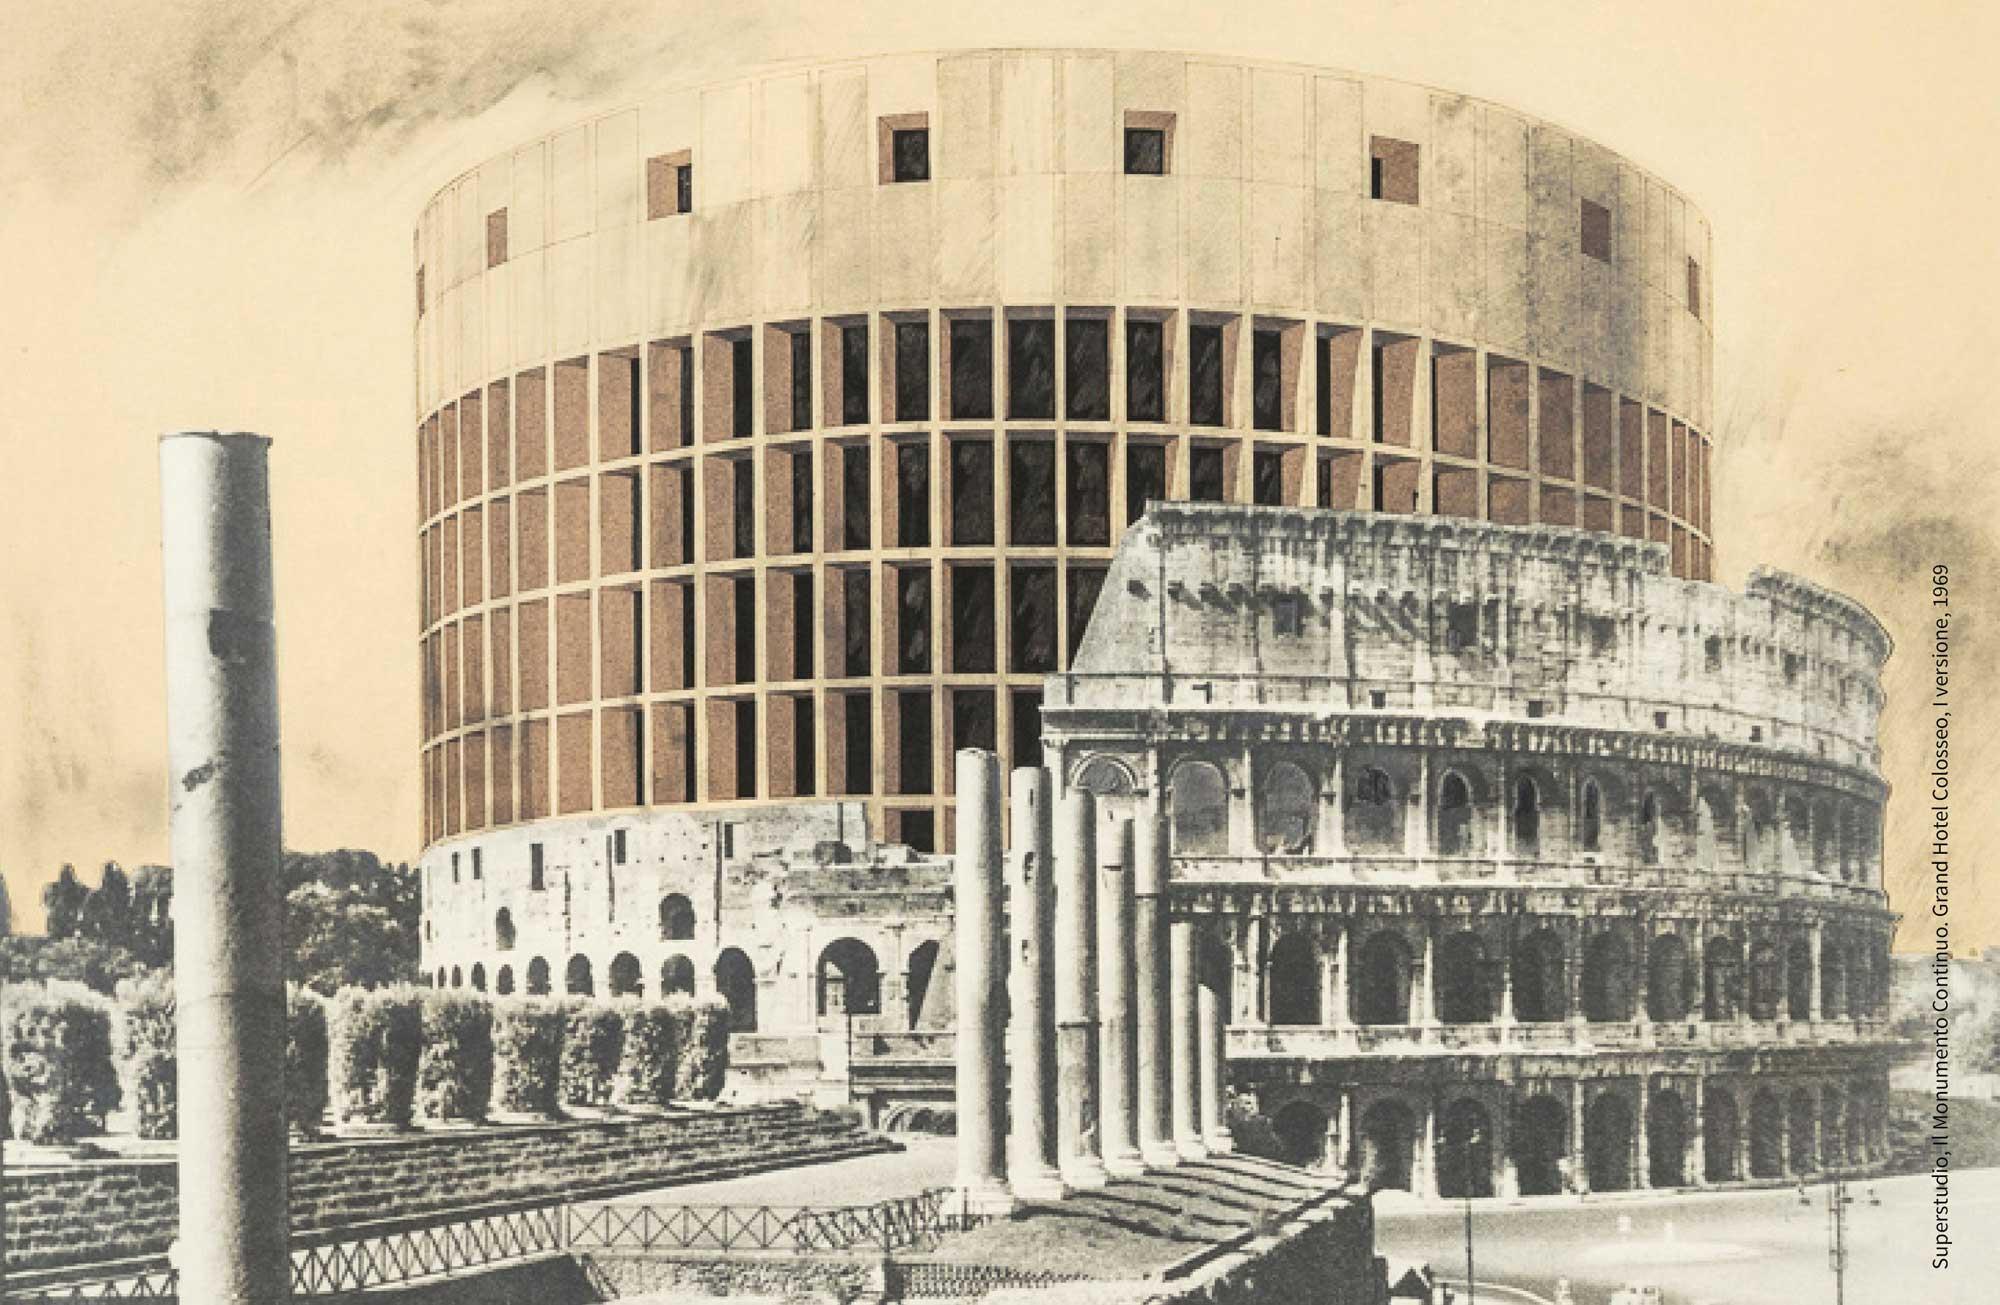 Superstudio-Il-Monumento-Continuo-Grand-Hotel-Colosseo-1969-courtesy-Fondazione-MAXXI-Roma